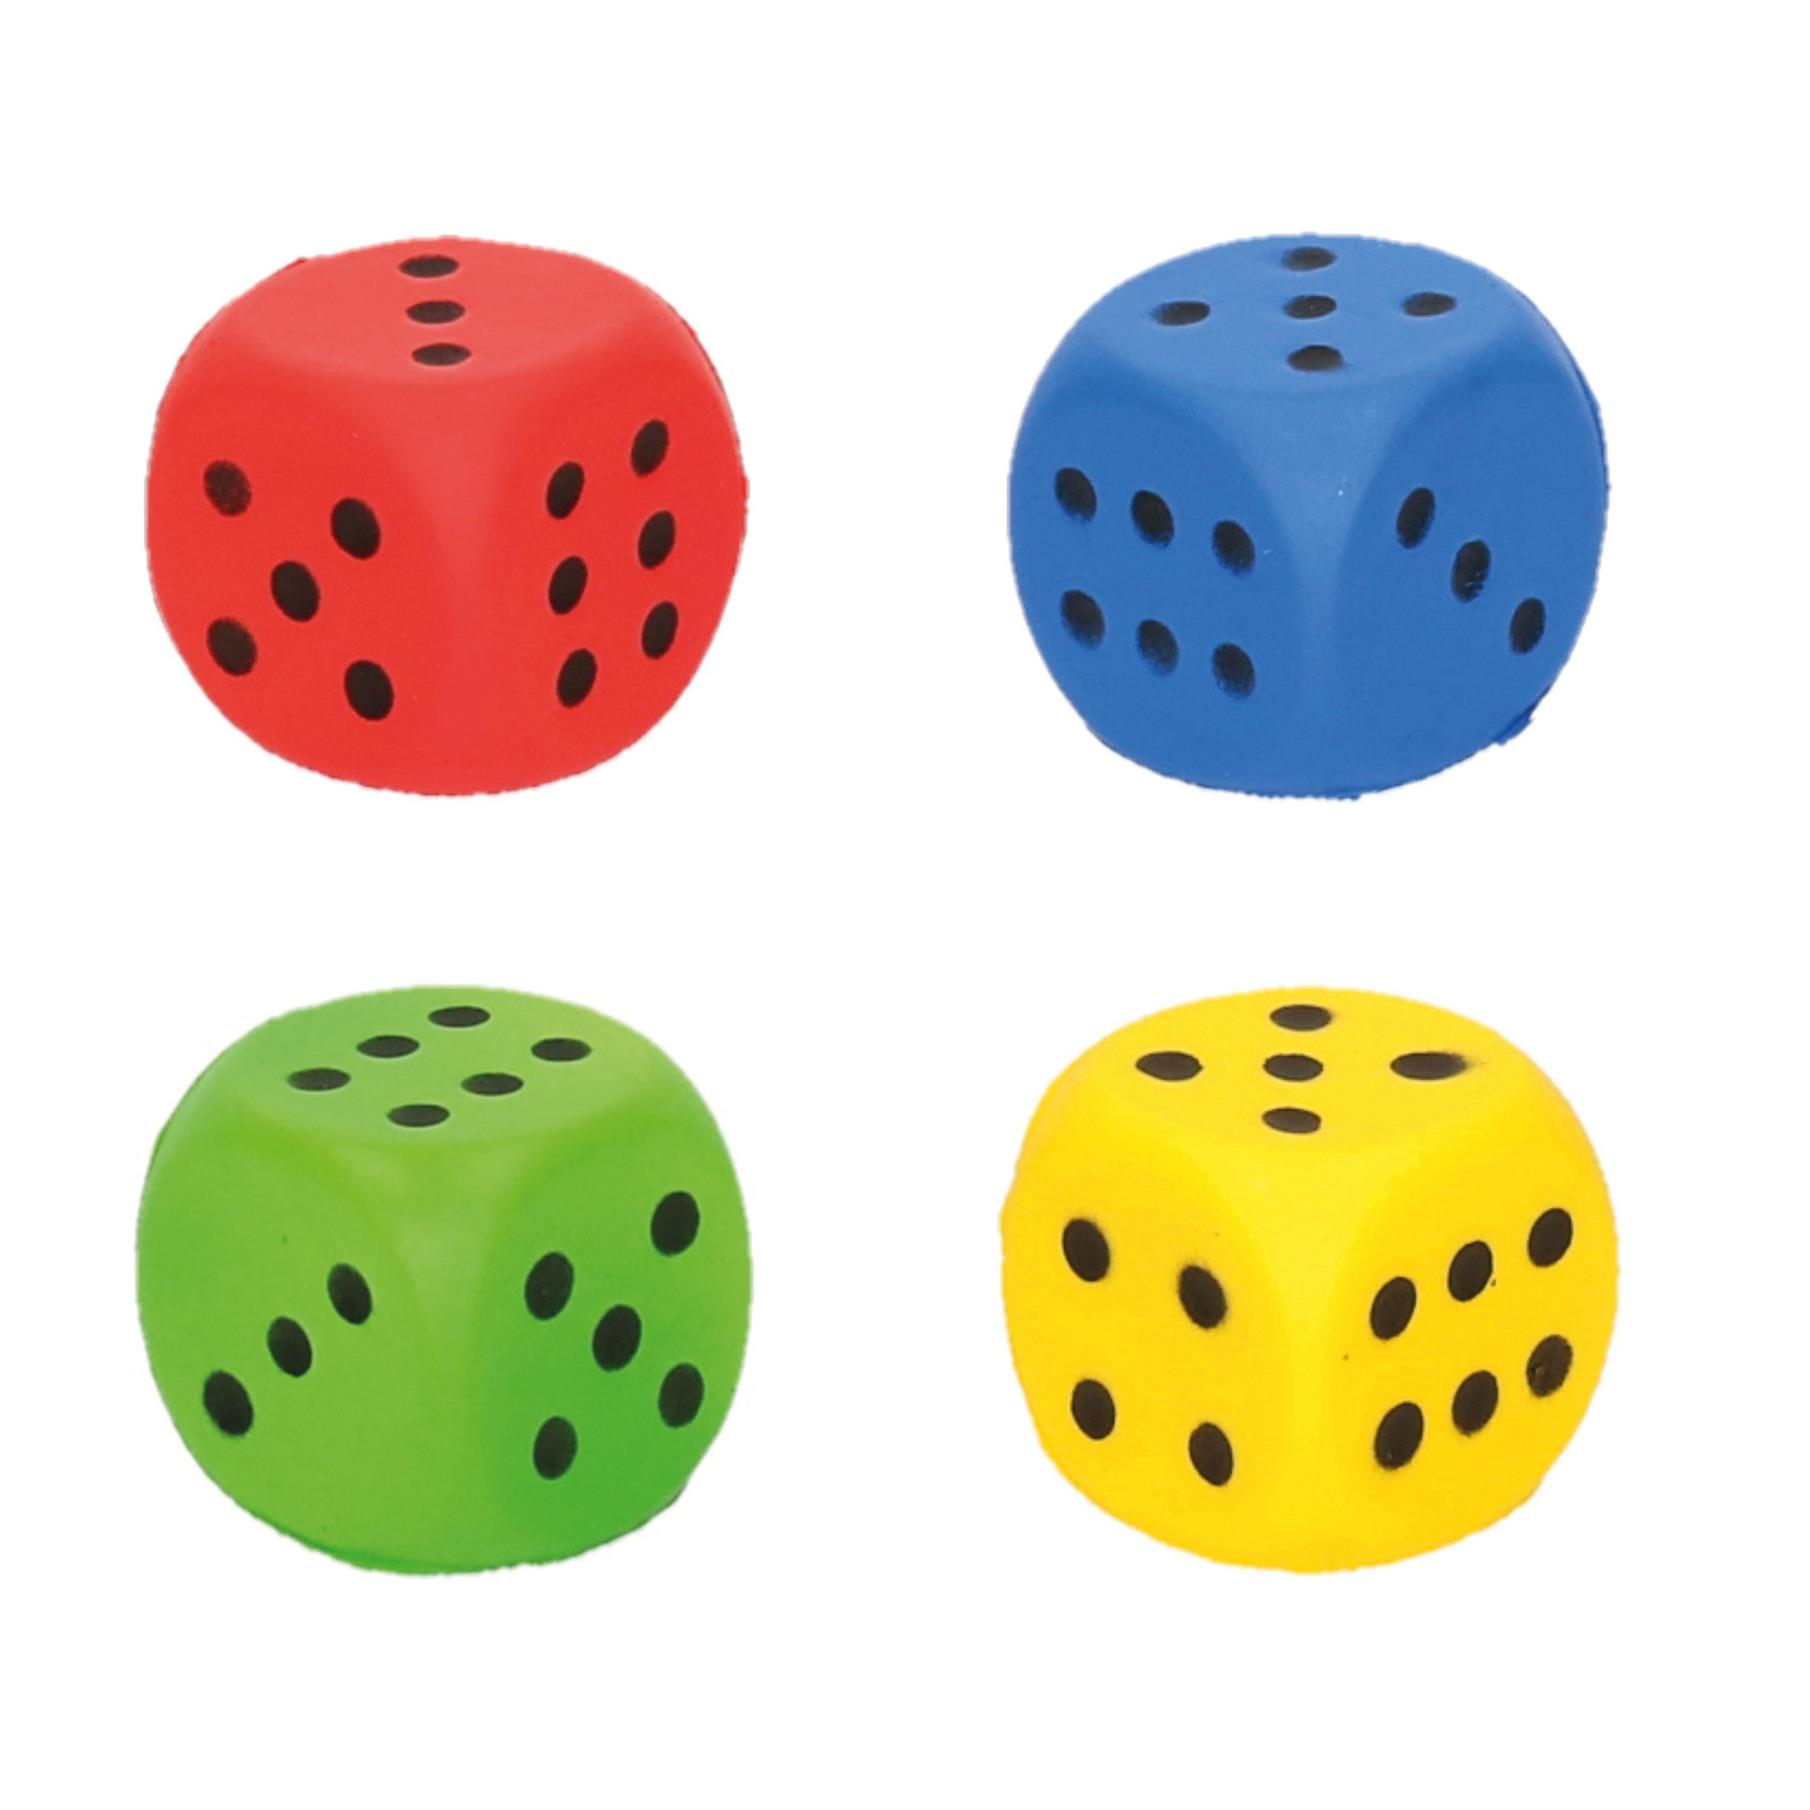 Set van 4x stuks speelgoed dobbelstenen van 4 x 4 cm